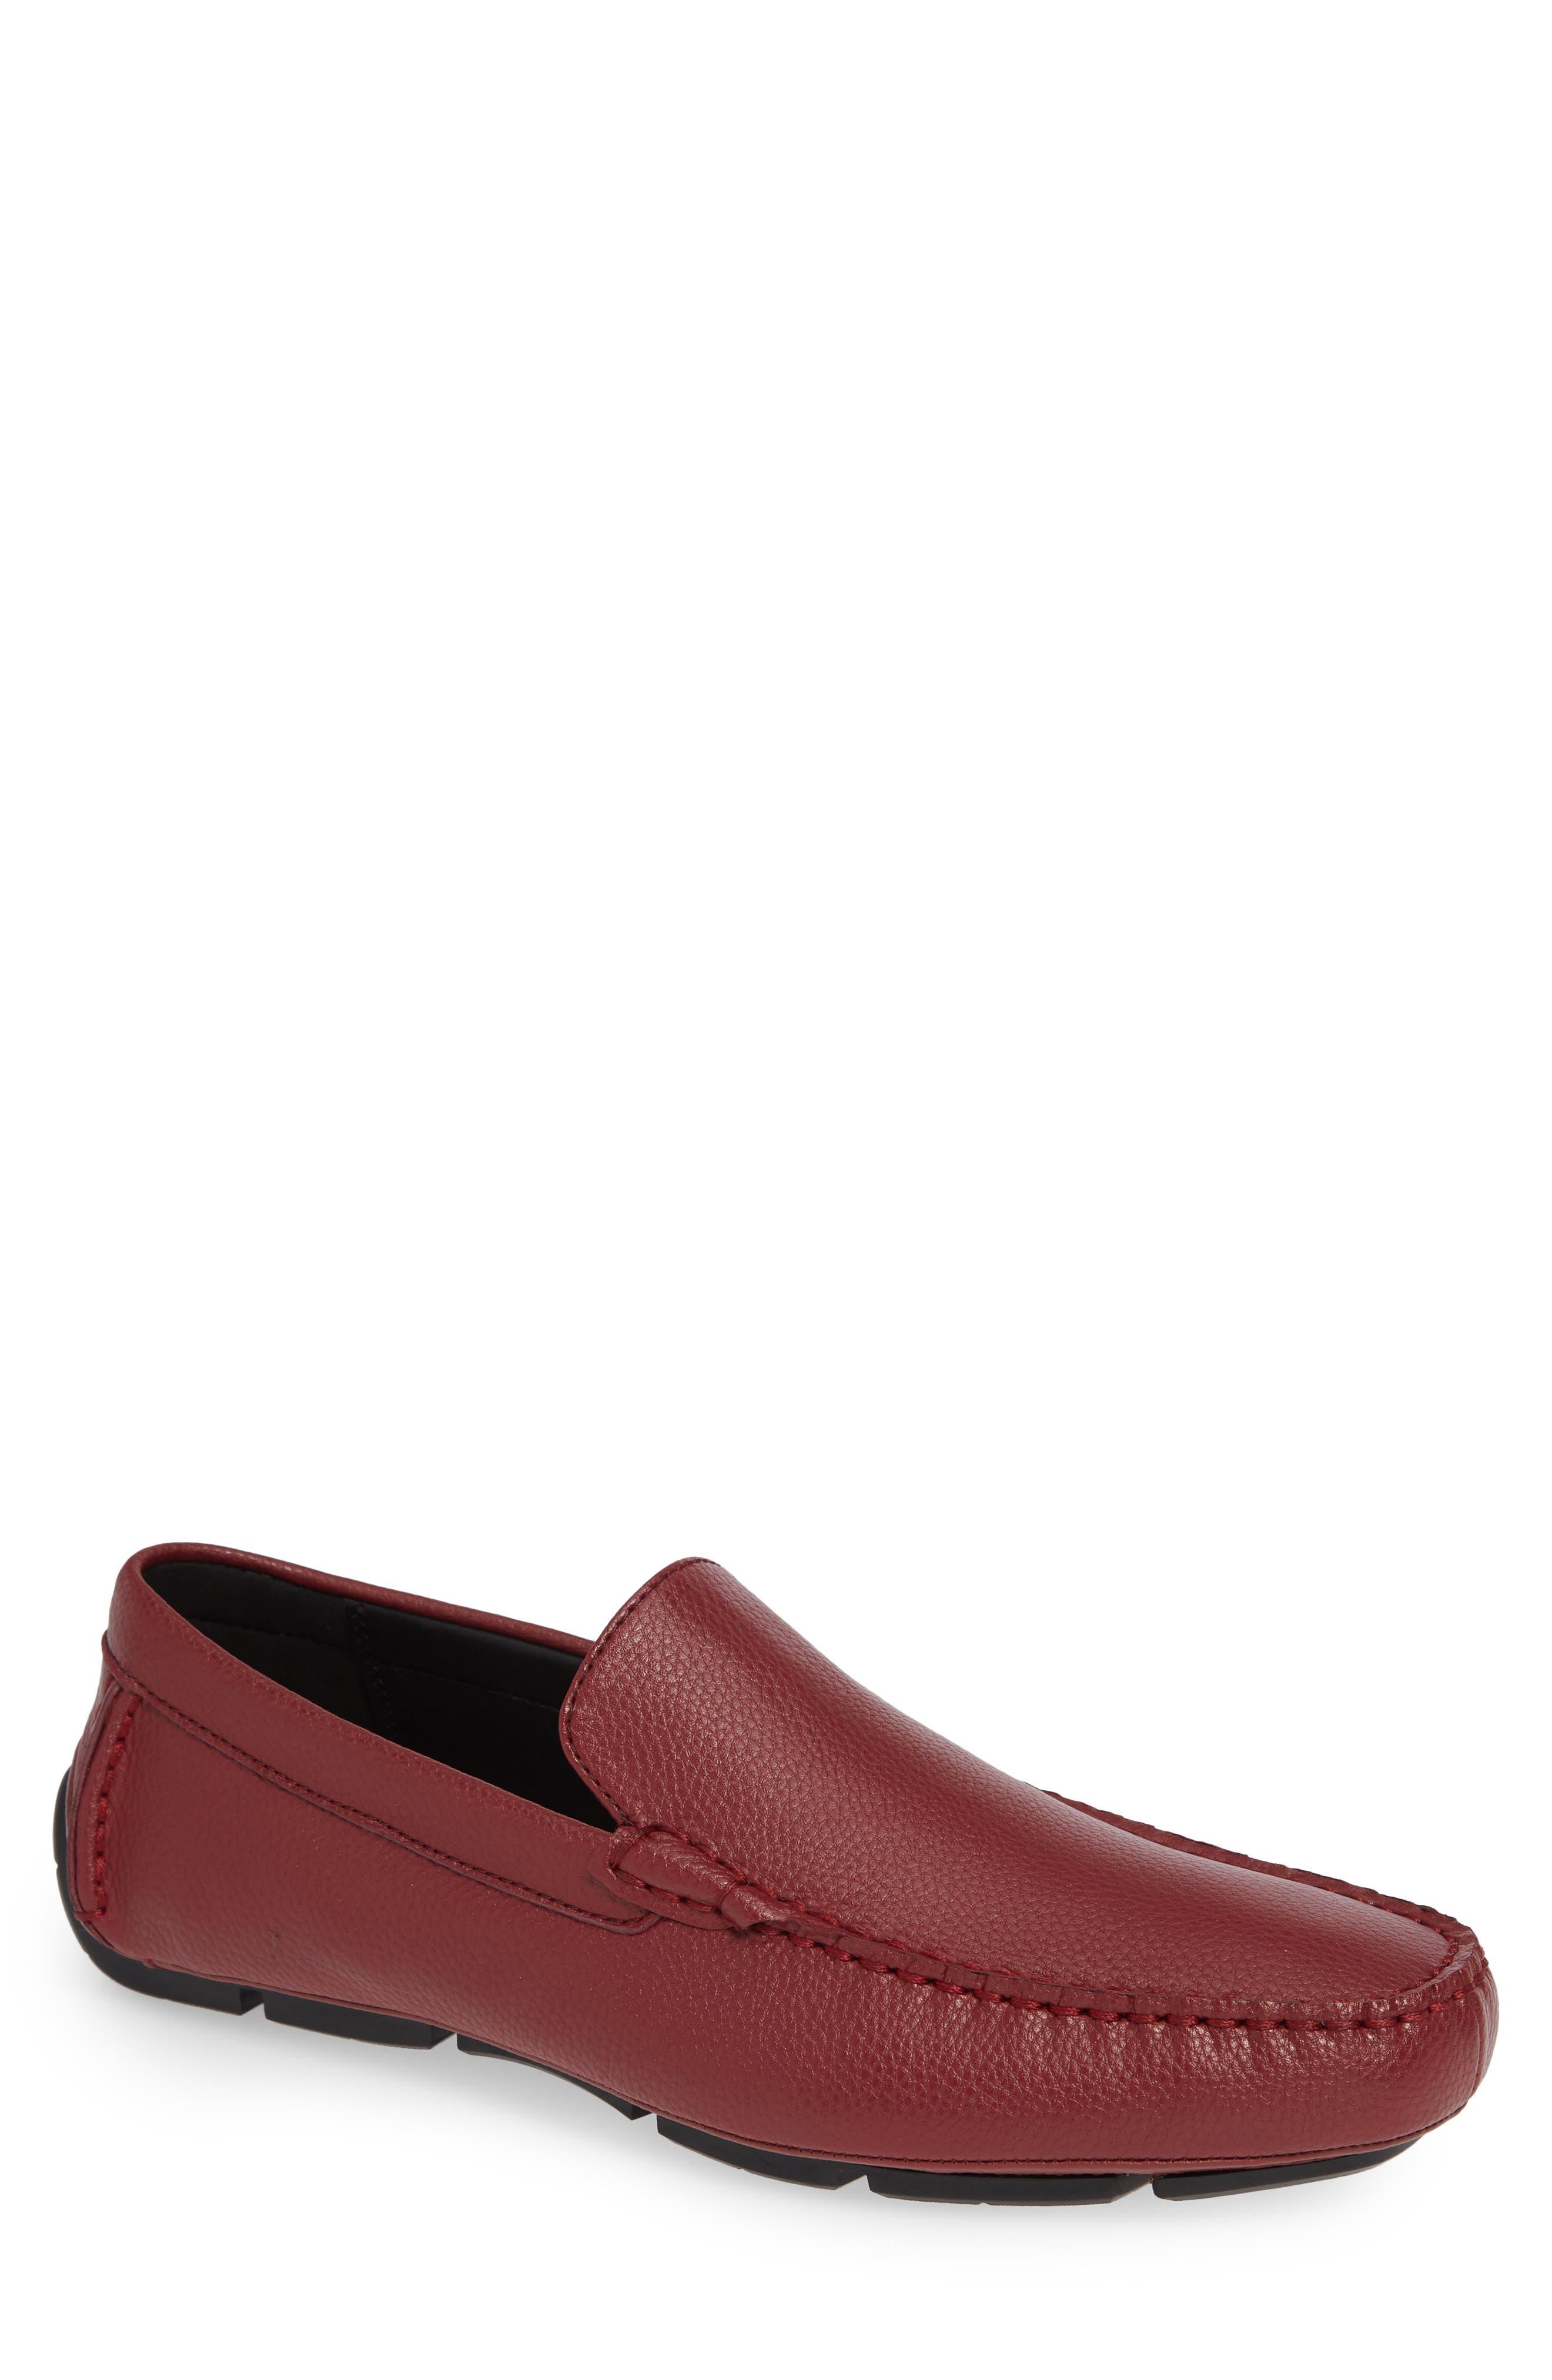 Calvin Klein Kaleb Driving Loafer, Red